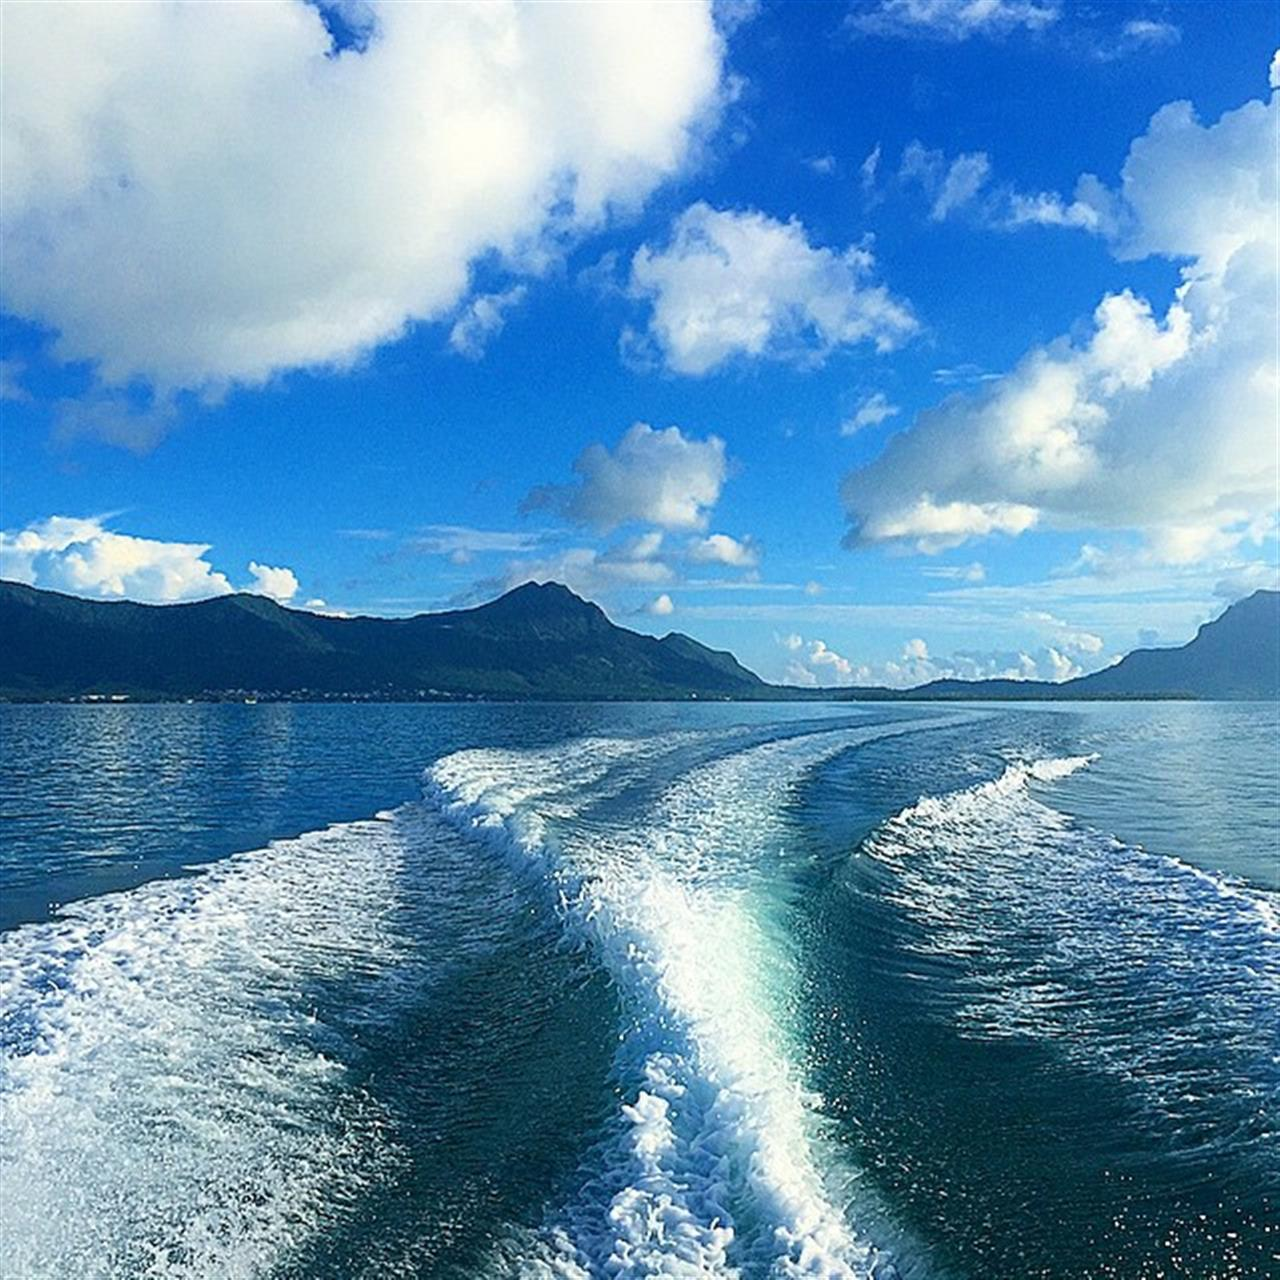 #speedboat #mauritius #lagoon #LeadingRelocal